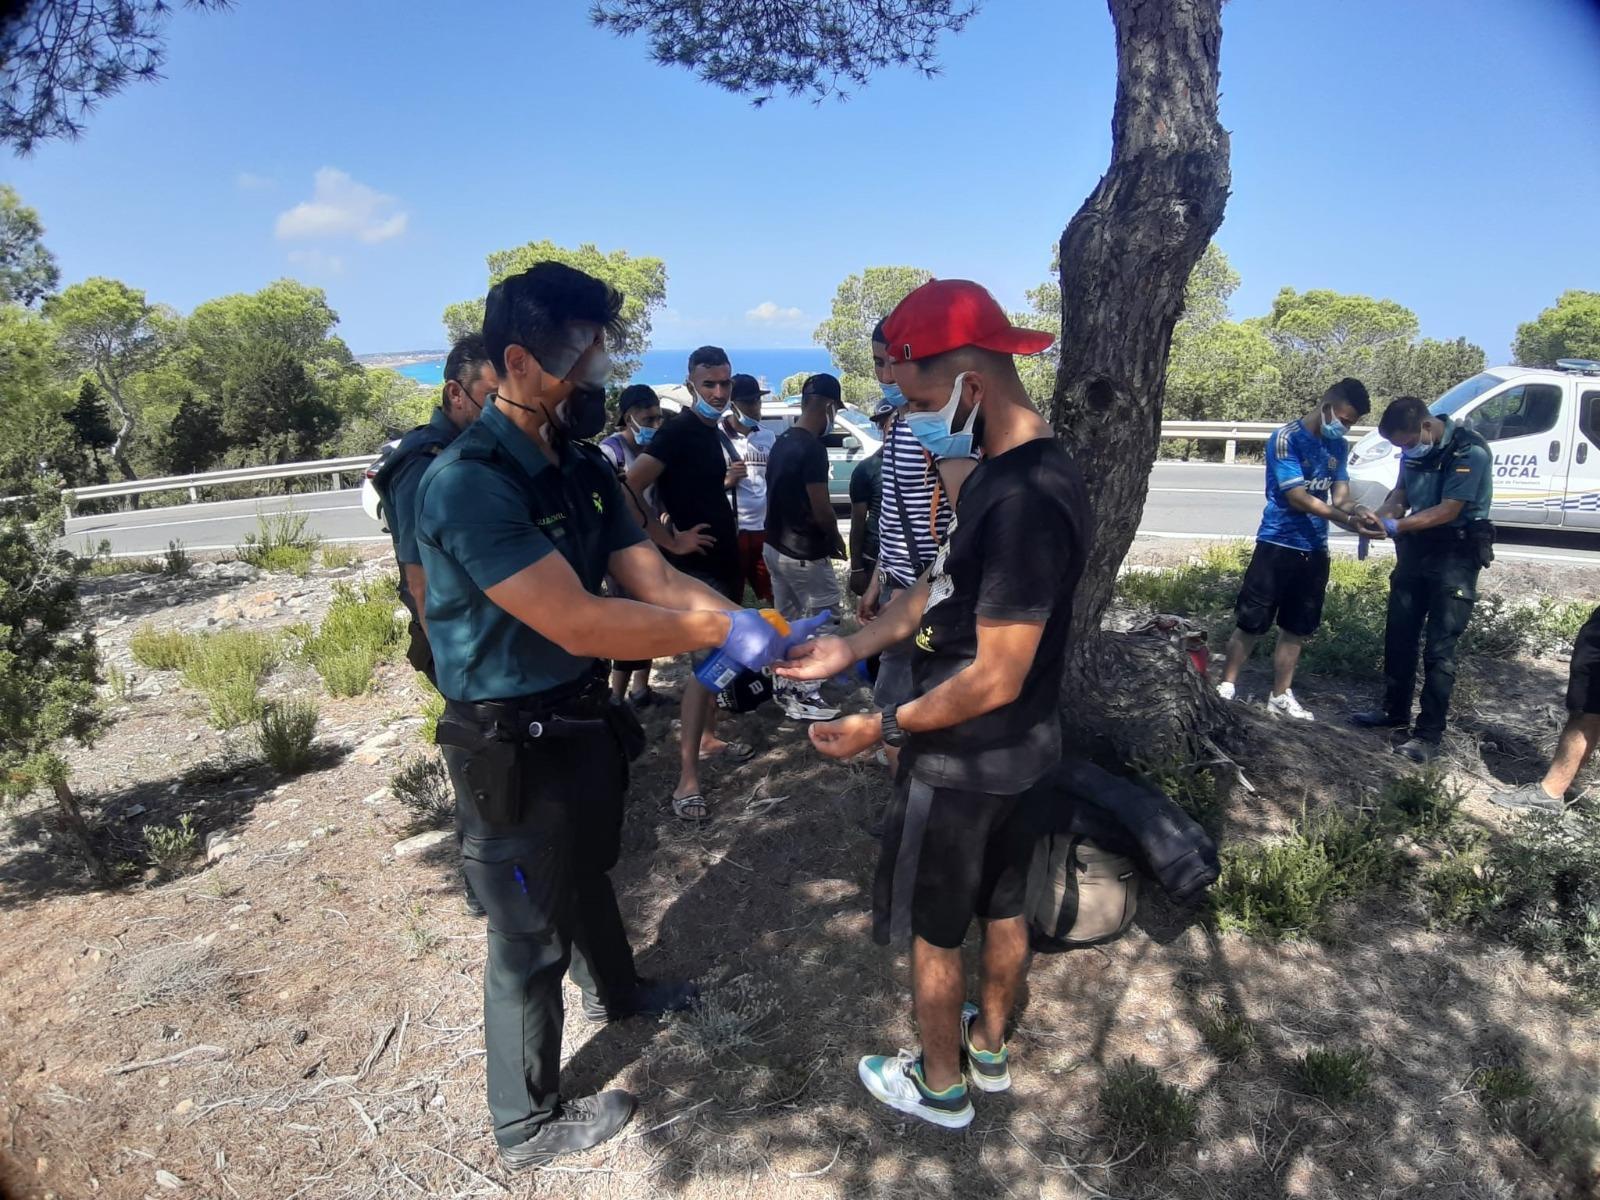 Una imagen de la Guardia Civil con los argelinos que llegaron en patera.